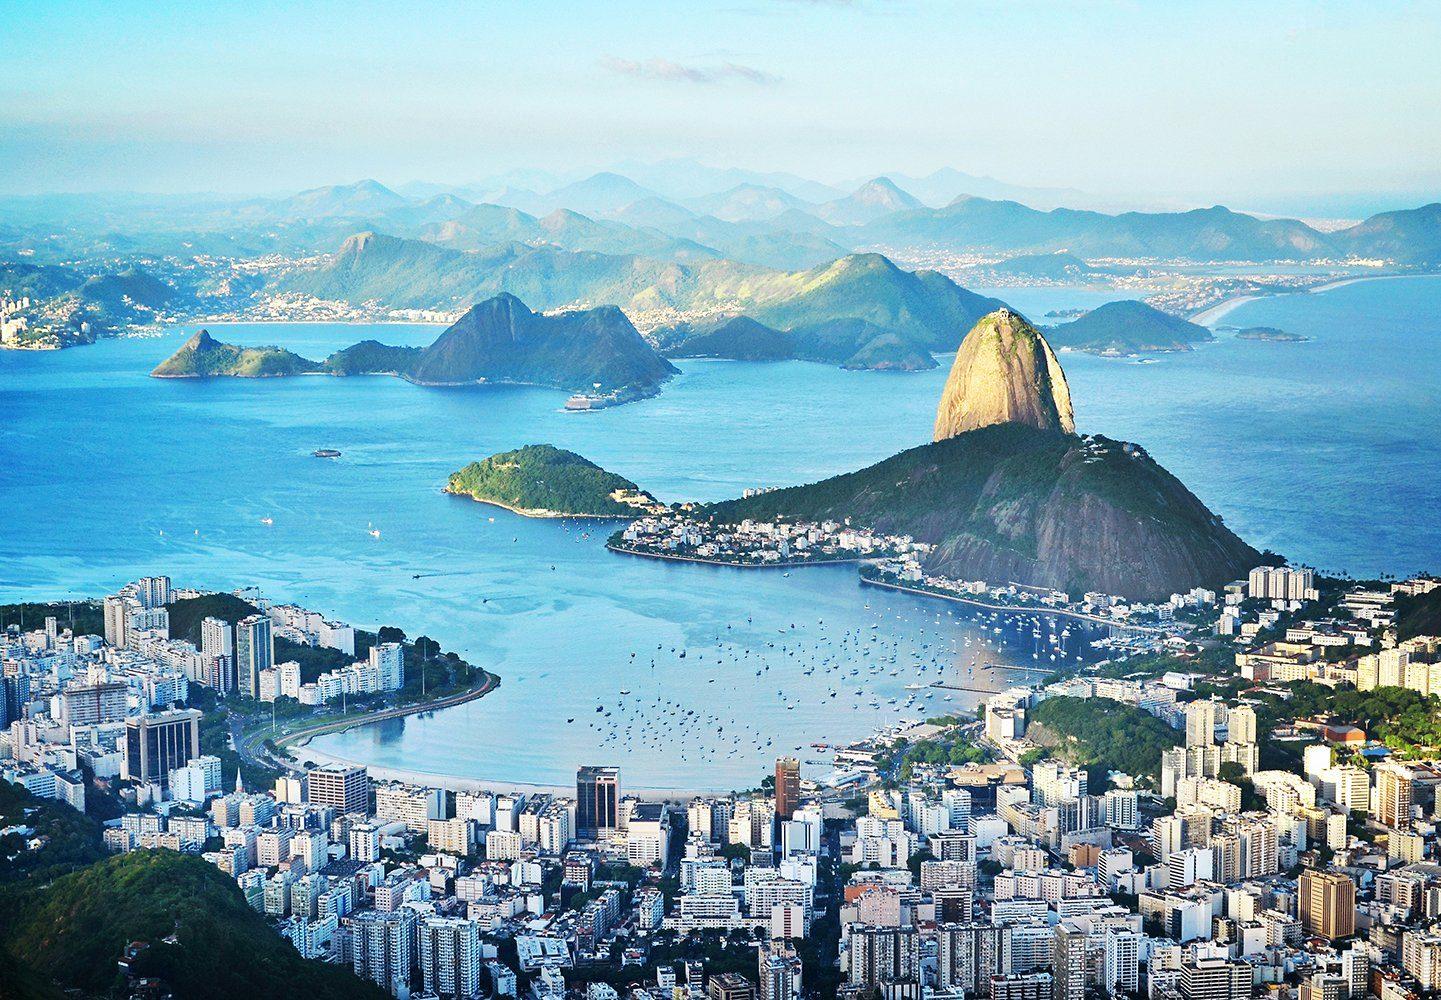 Fototapete »Rio«, 8-teilig, 366x254 cm